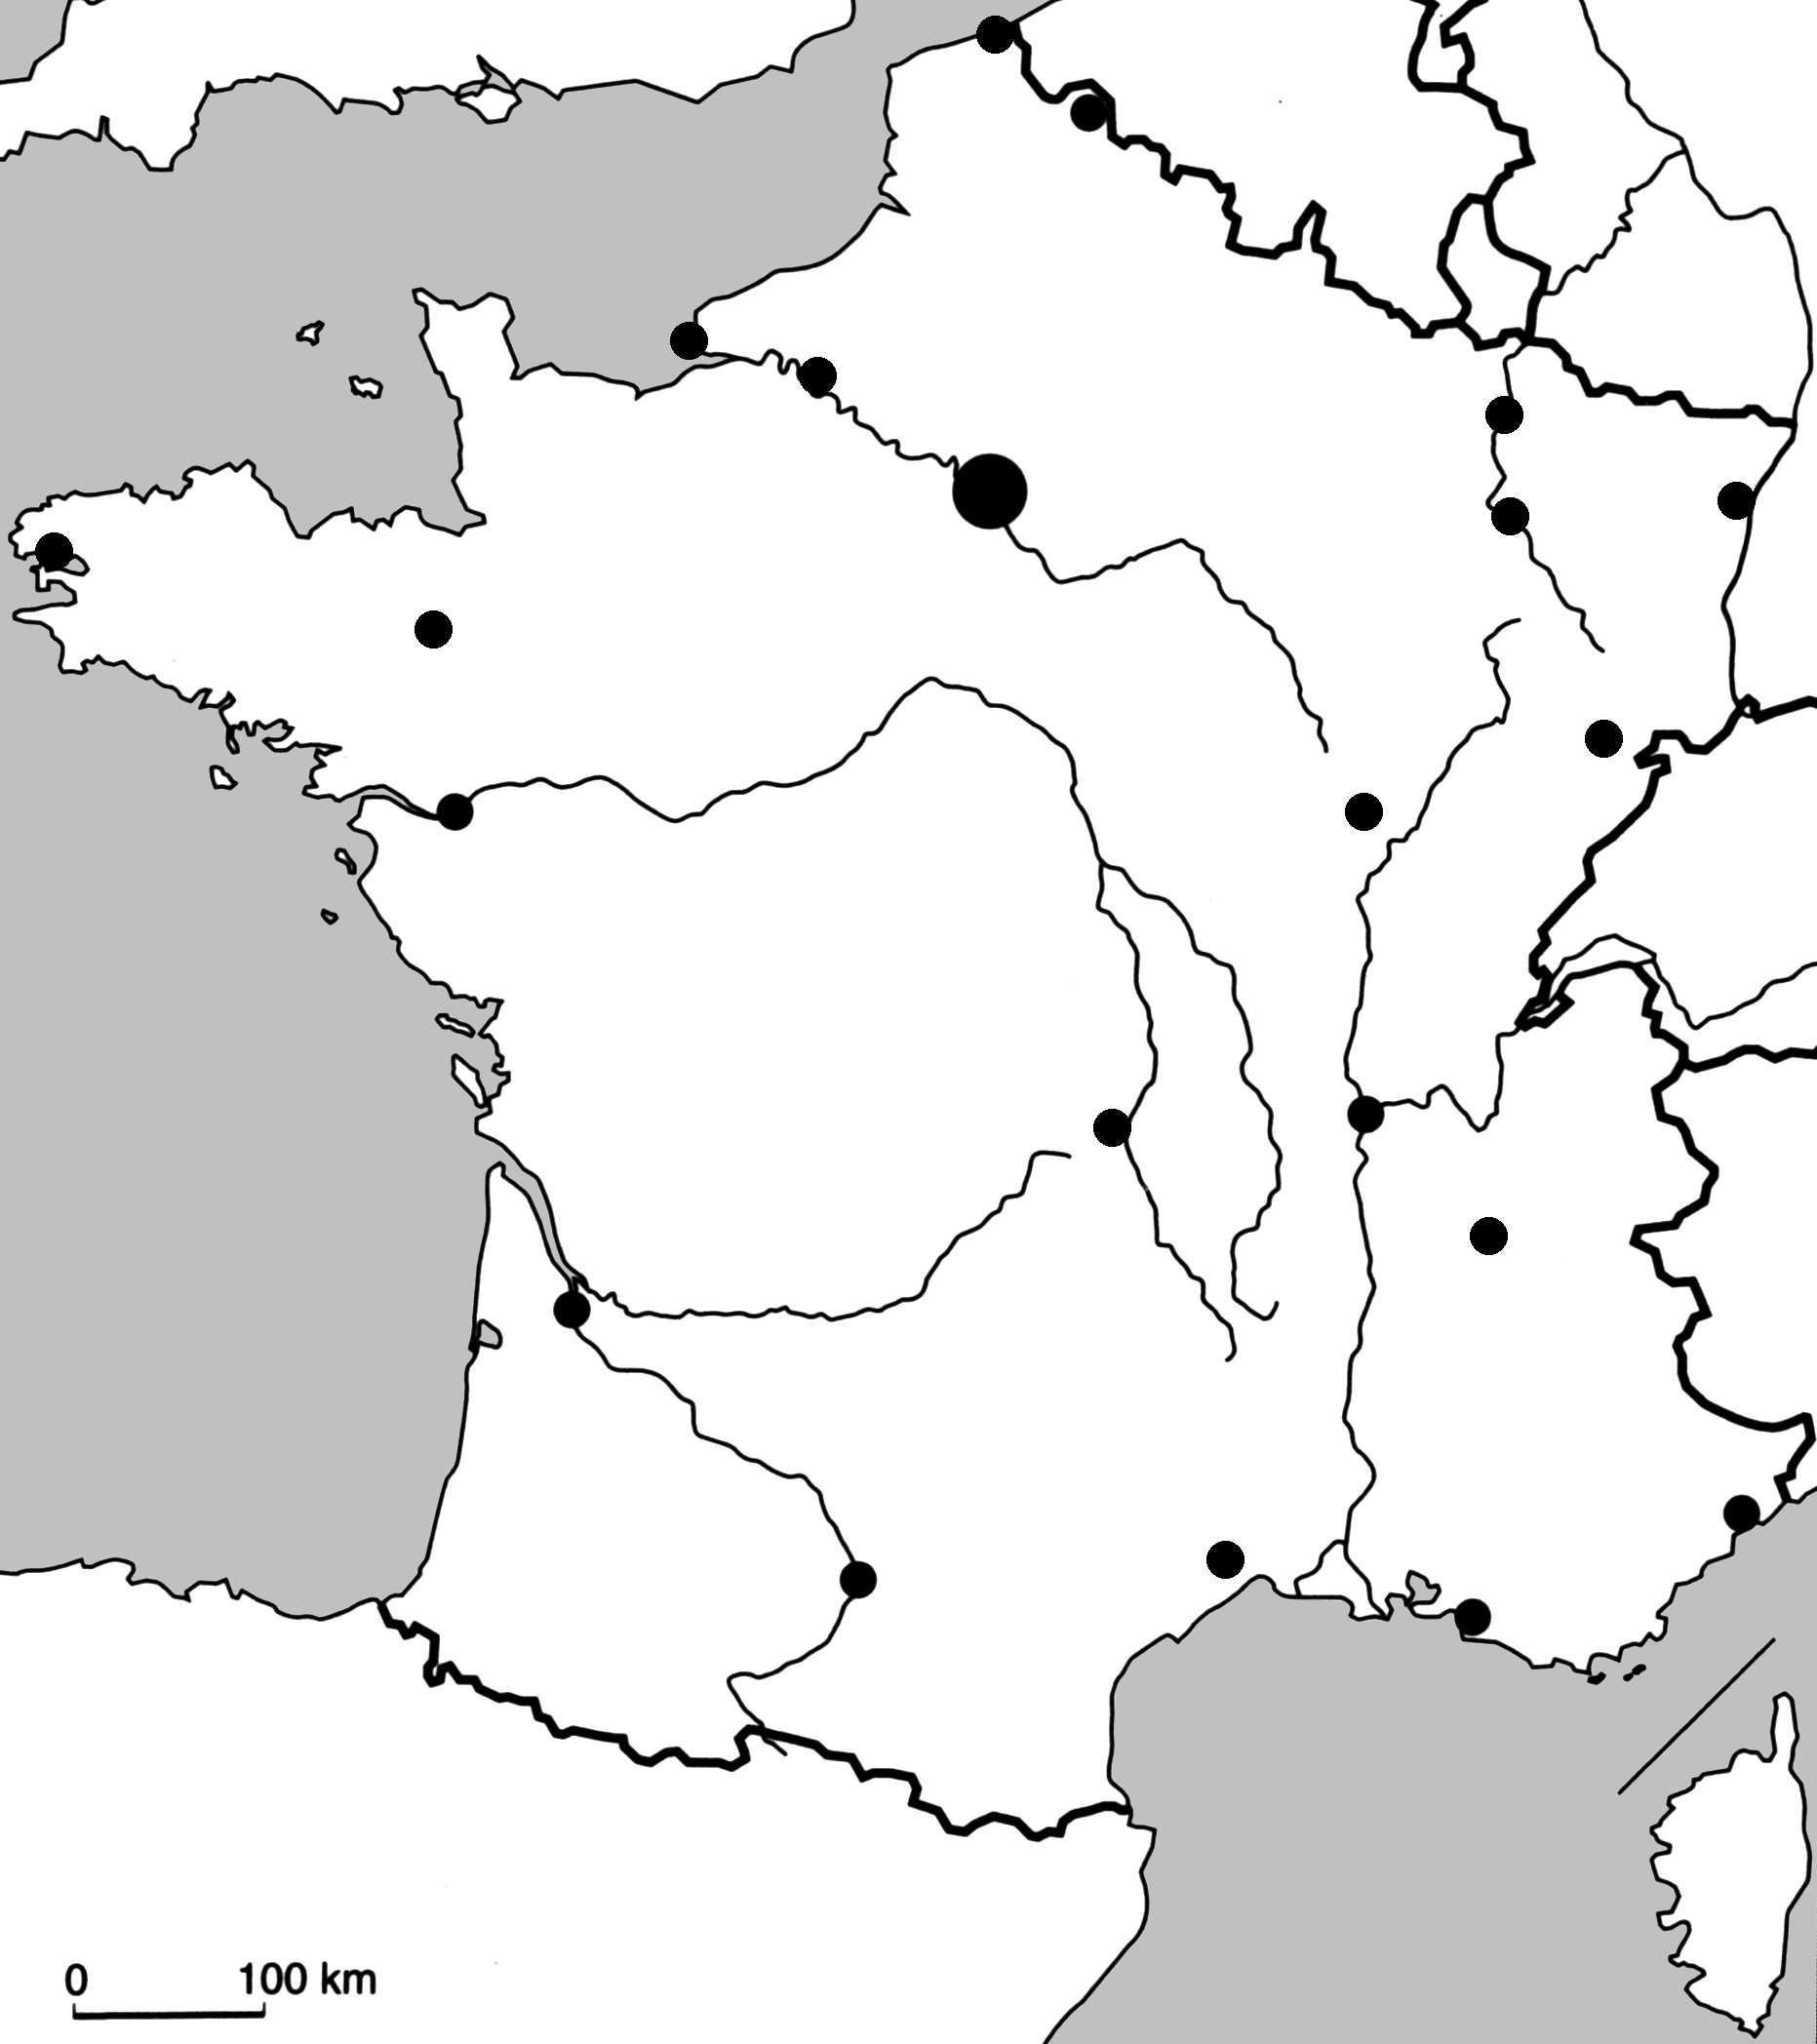 Afficher L'image D'origine   Carte France Vierge, Fleuve De à Exercice Carte De France